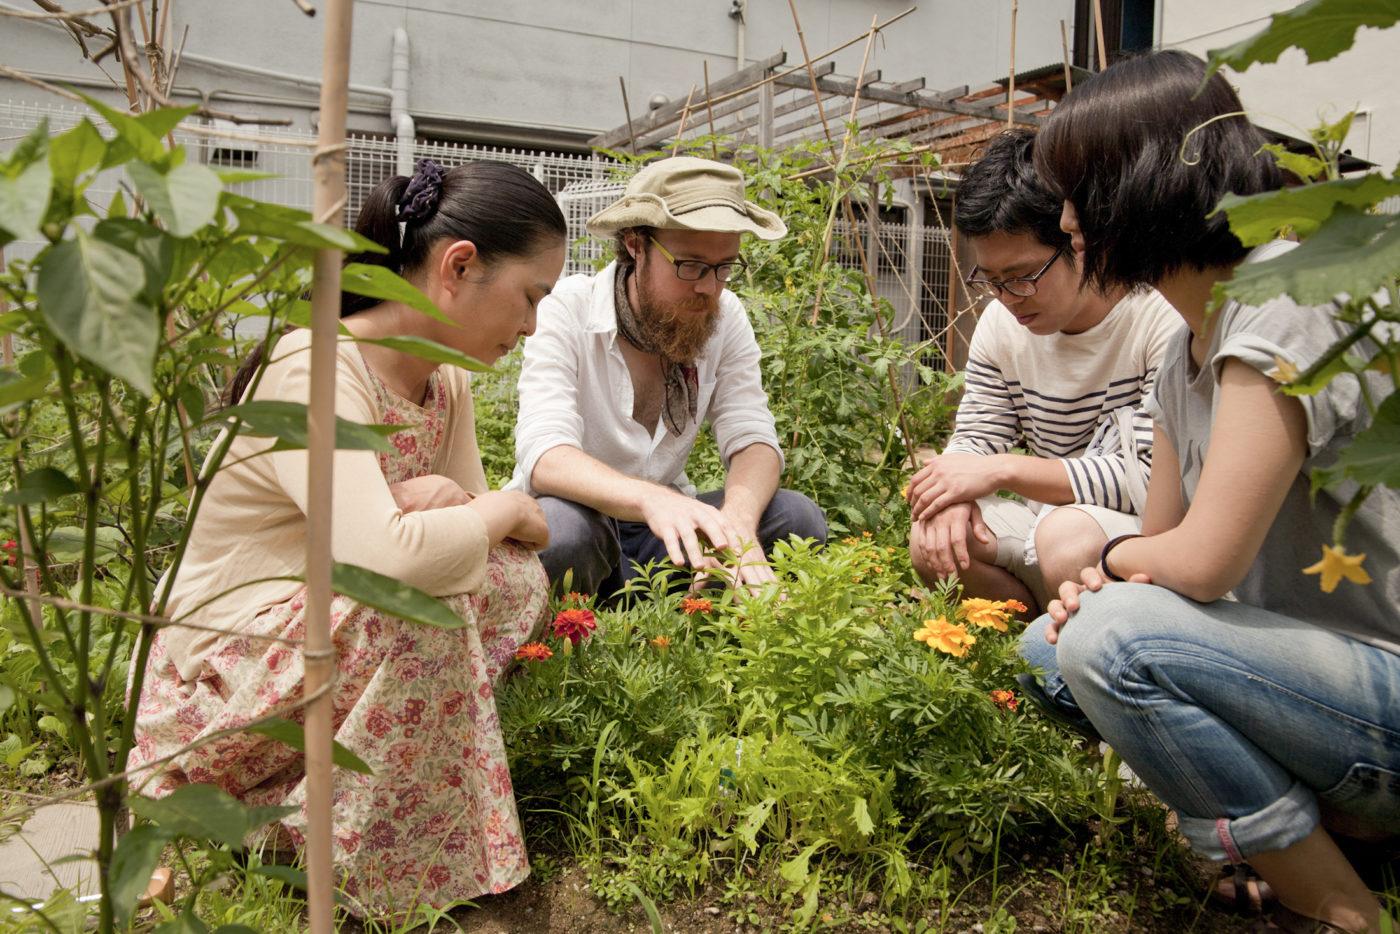 エコアートとメディアラボ「The Branch」がプロデュースする「City as Nature Festival: Water, Art, Environment」